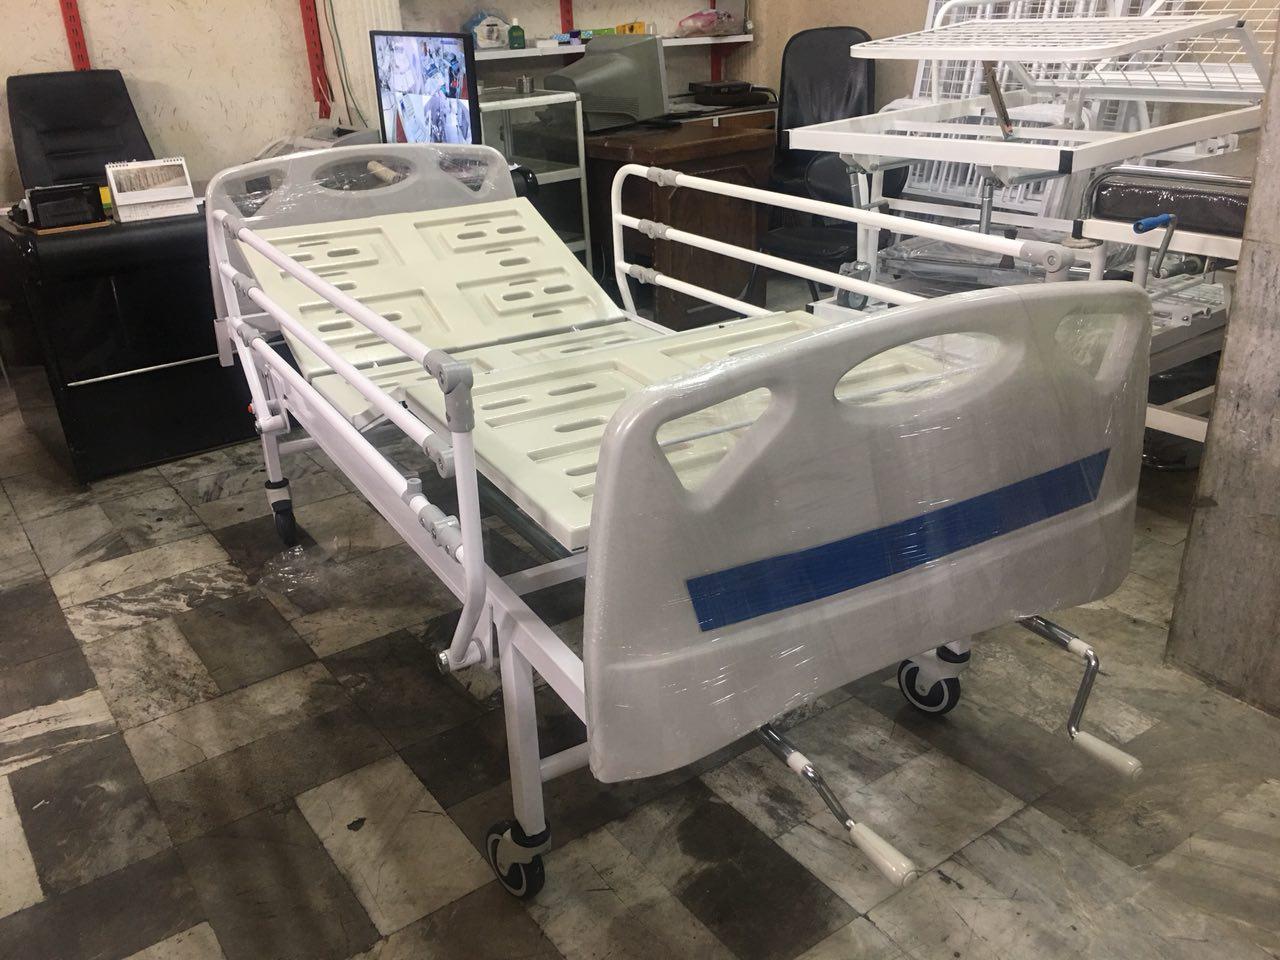 تخت بیمارستانی | تخت بیمارستانی برقی | تخت بیمار | تخت بیمار منزل